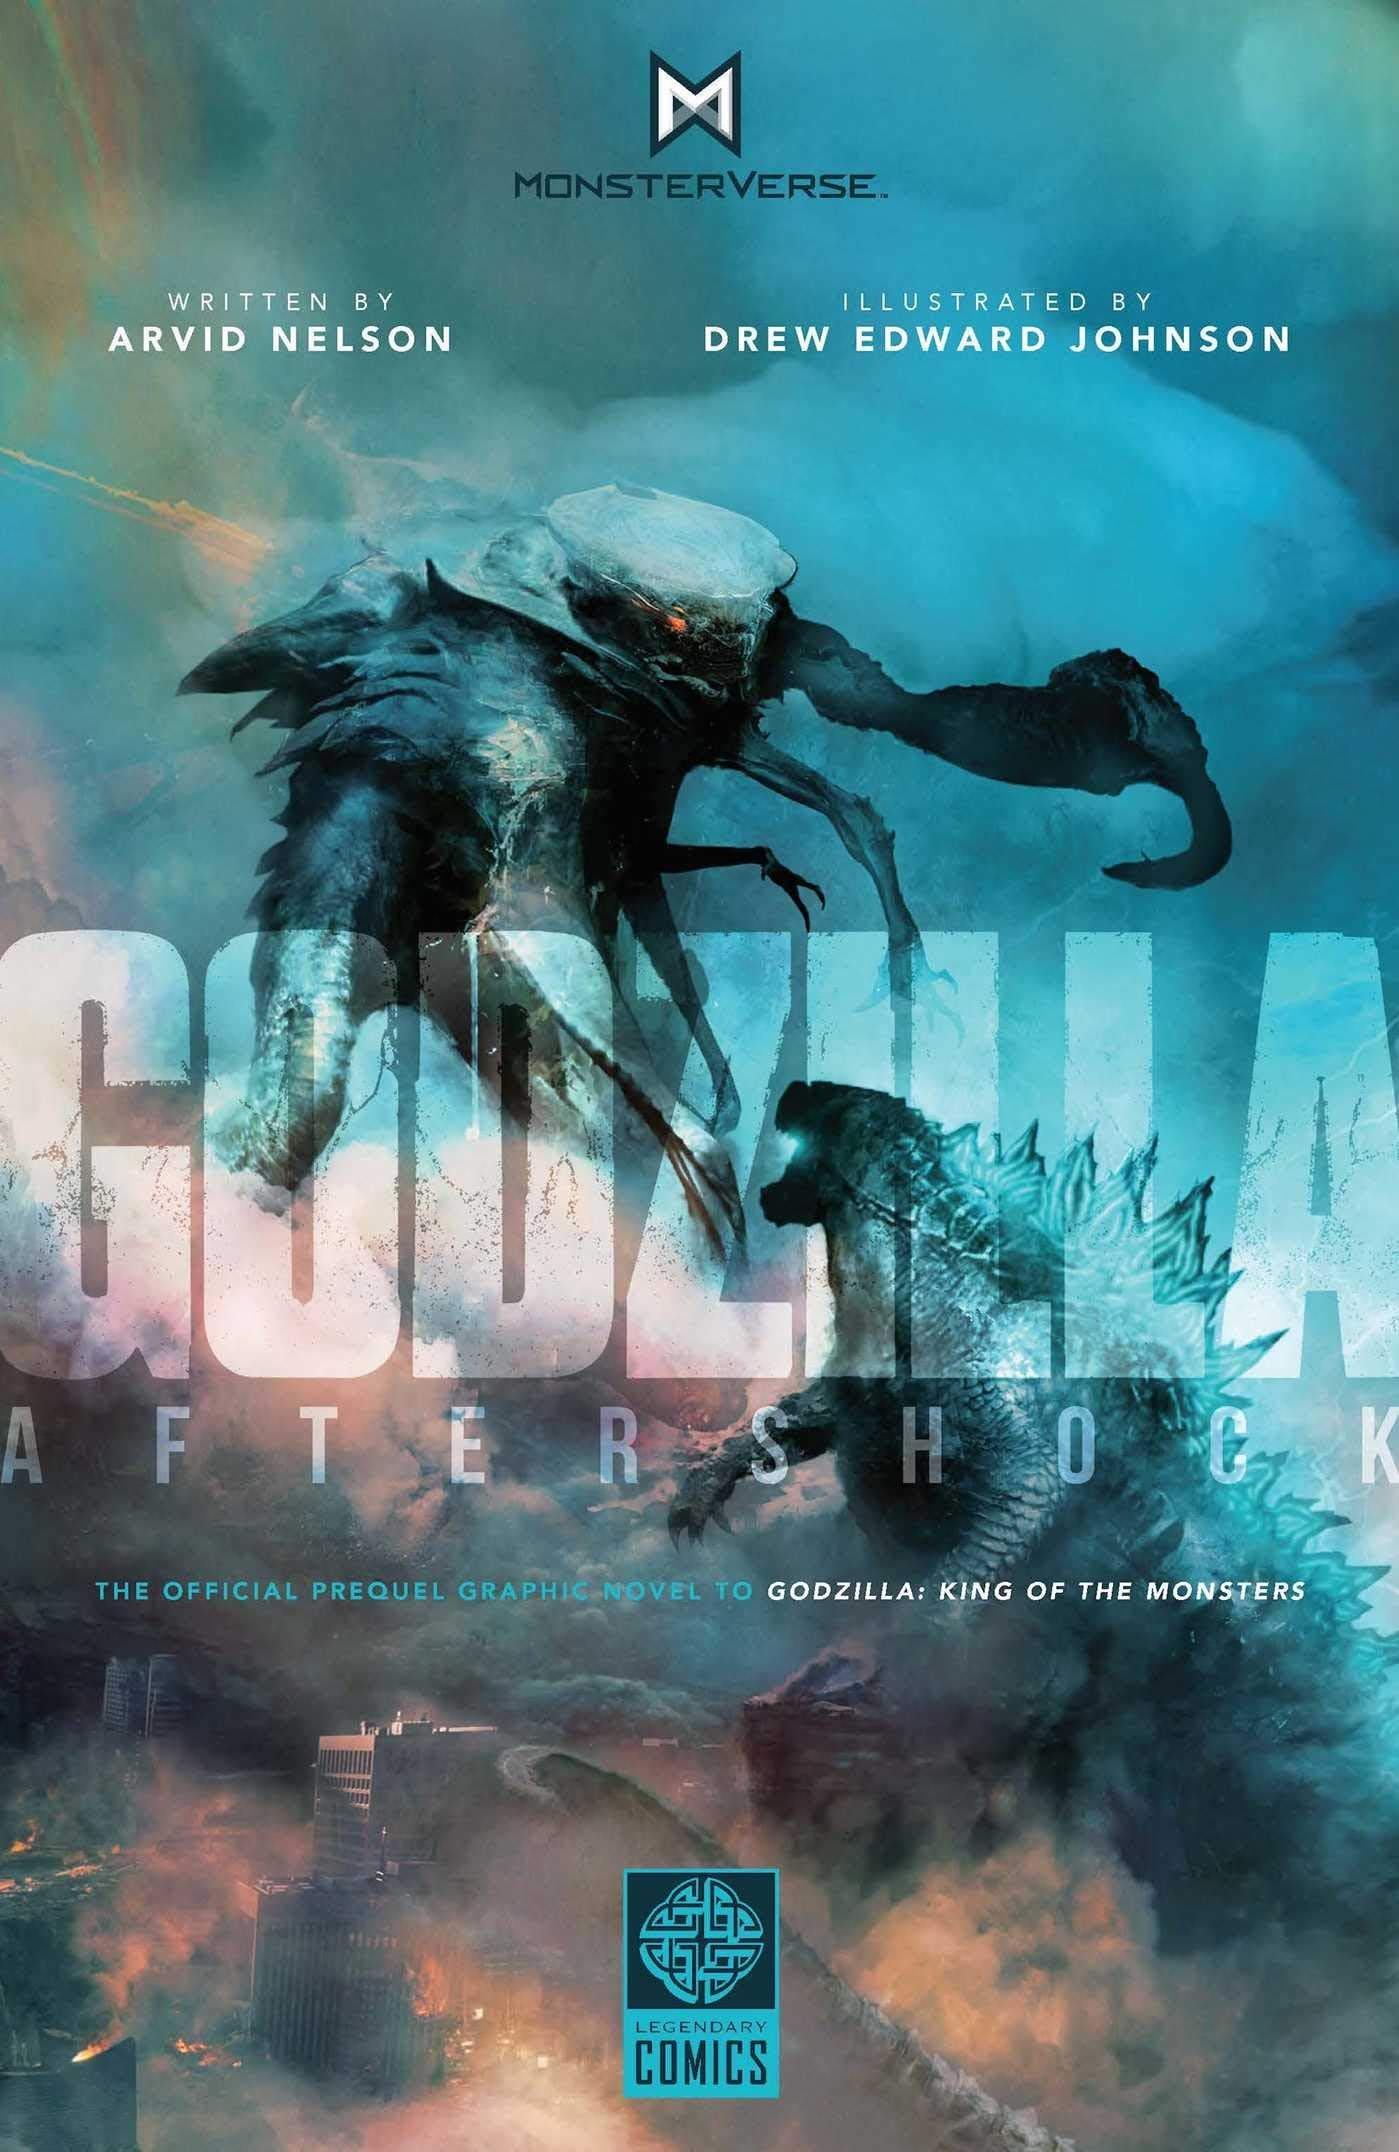 [代訂]哥吉拉 前傳漫畫 餘震 Godzilla Aftershock 9781681160535